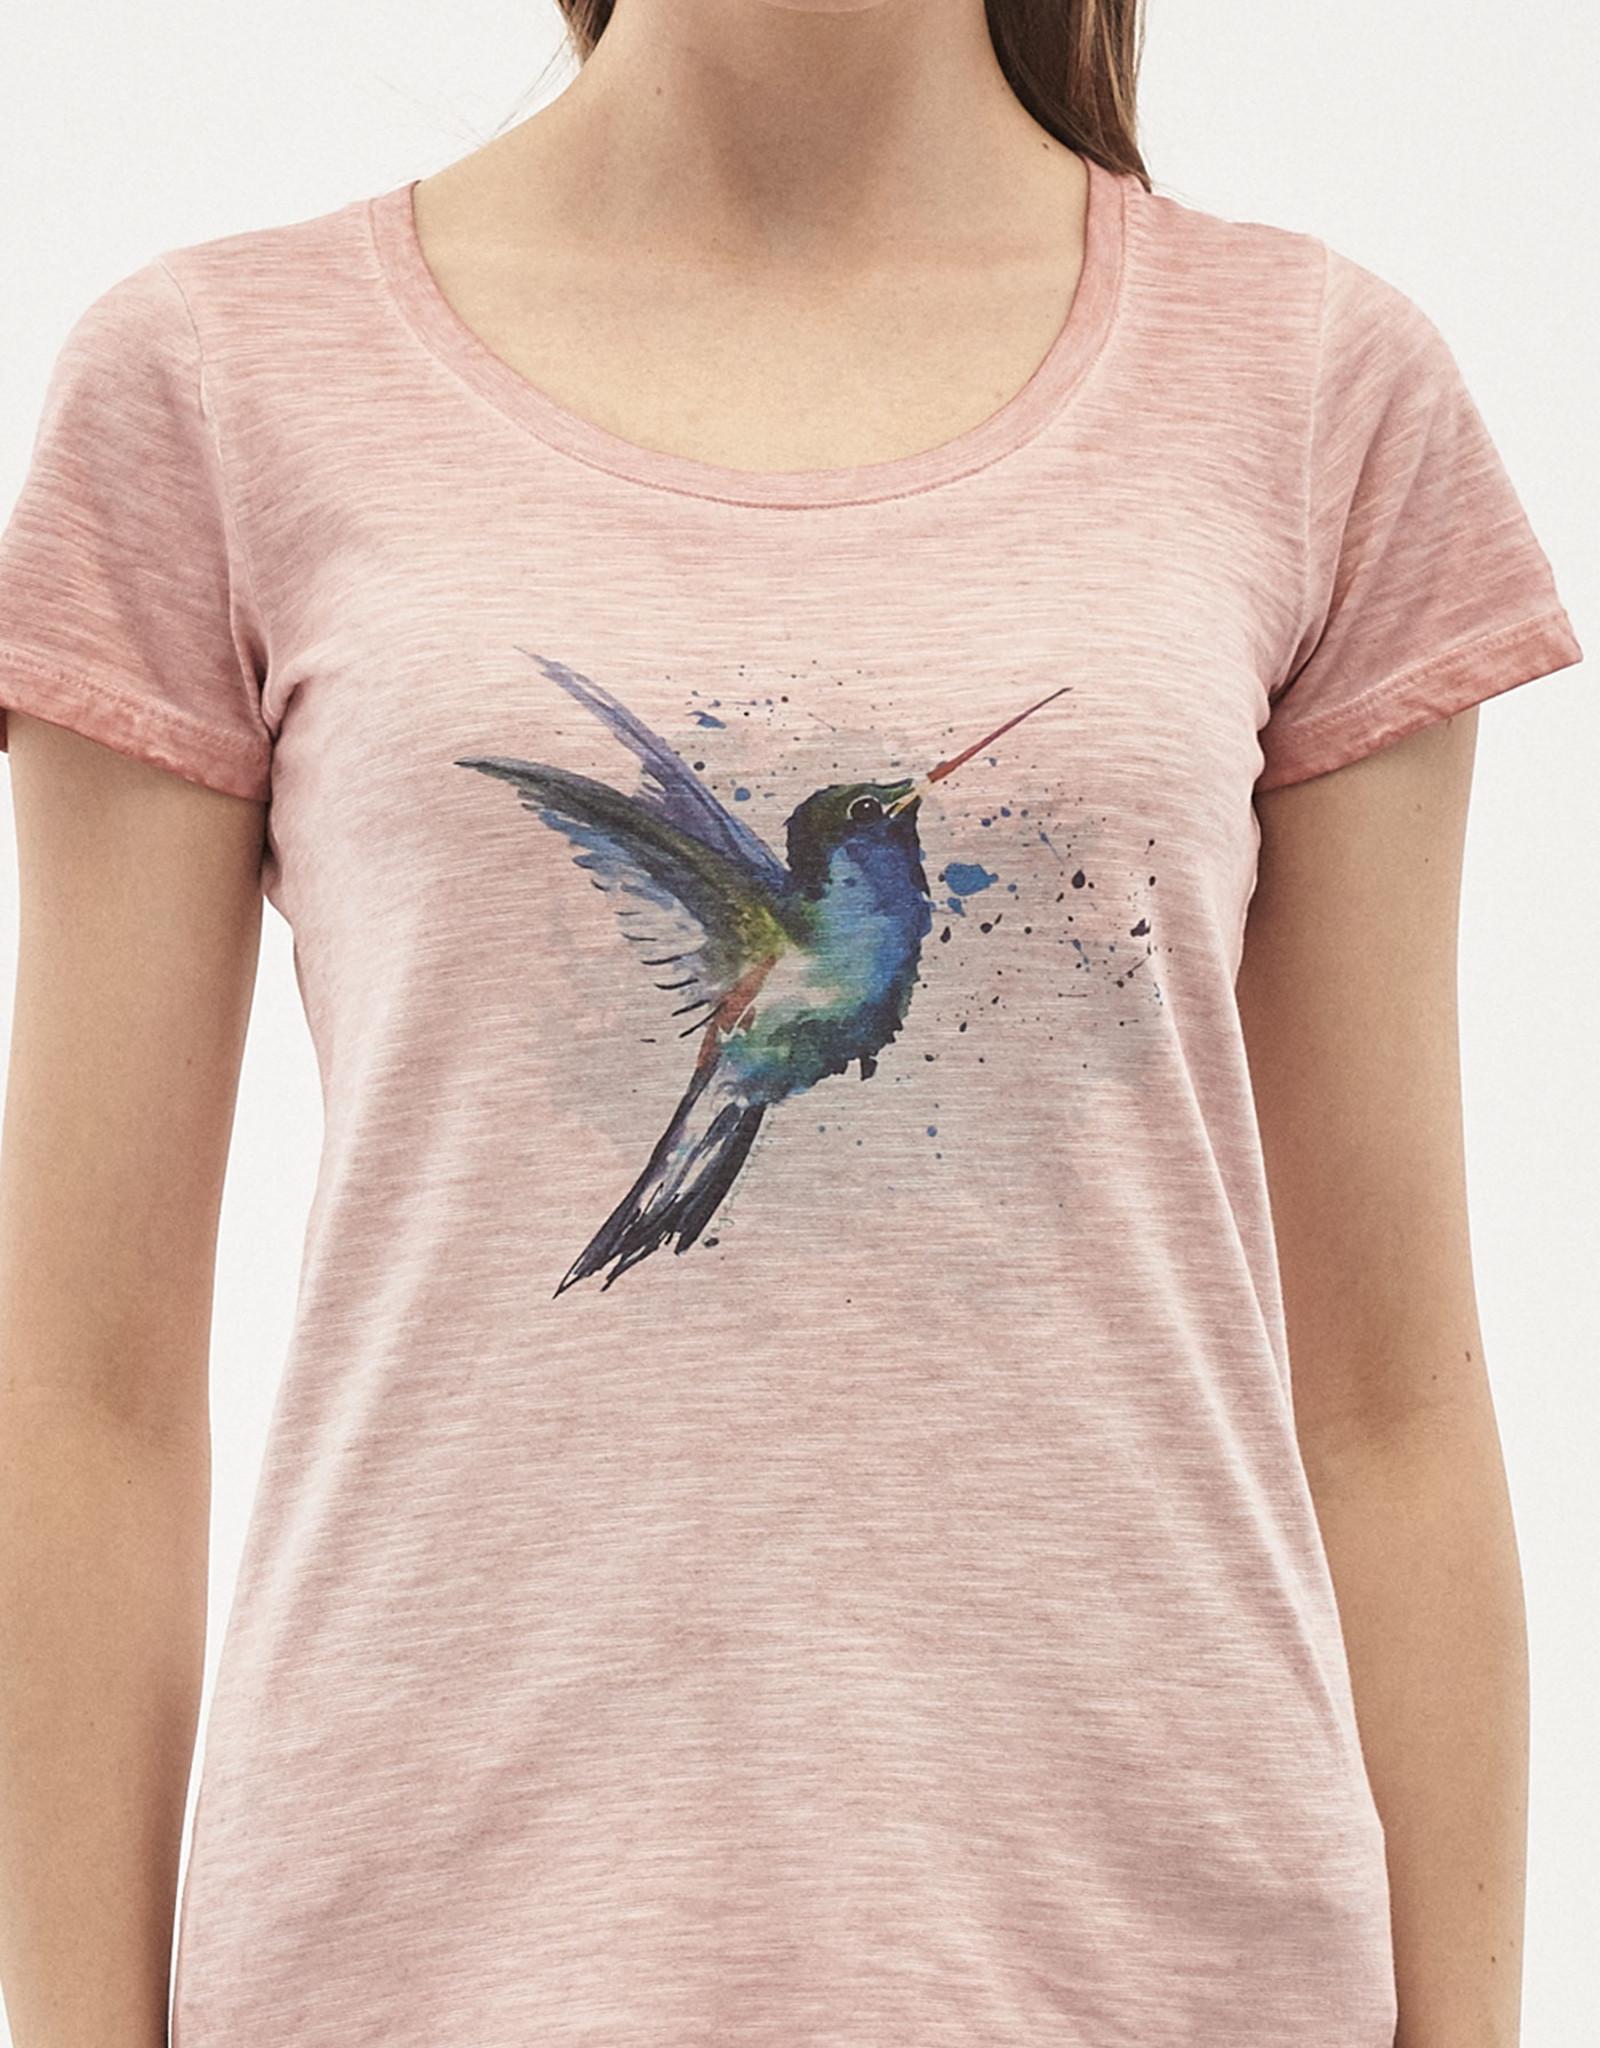 Organication T-SHIRT PRINT BIRD UNIQUE SHADE PEACHY